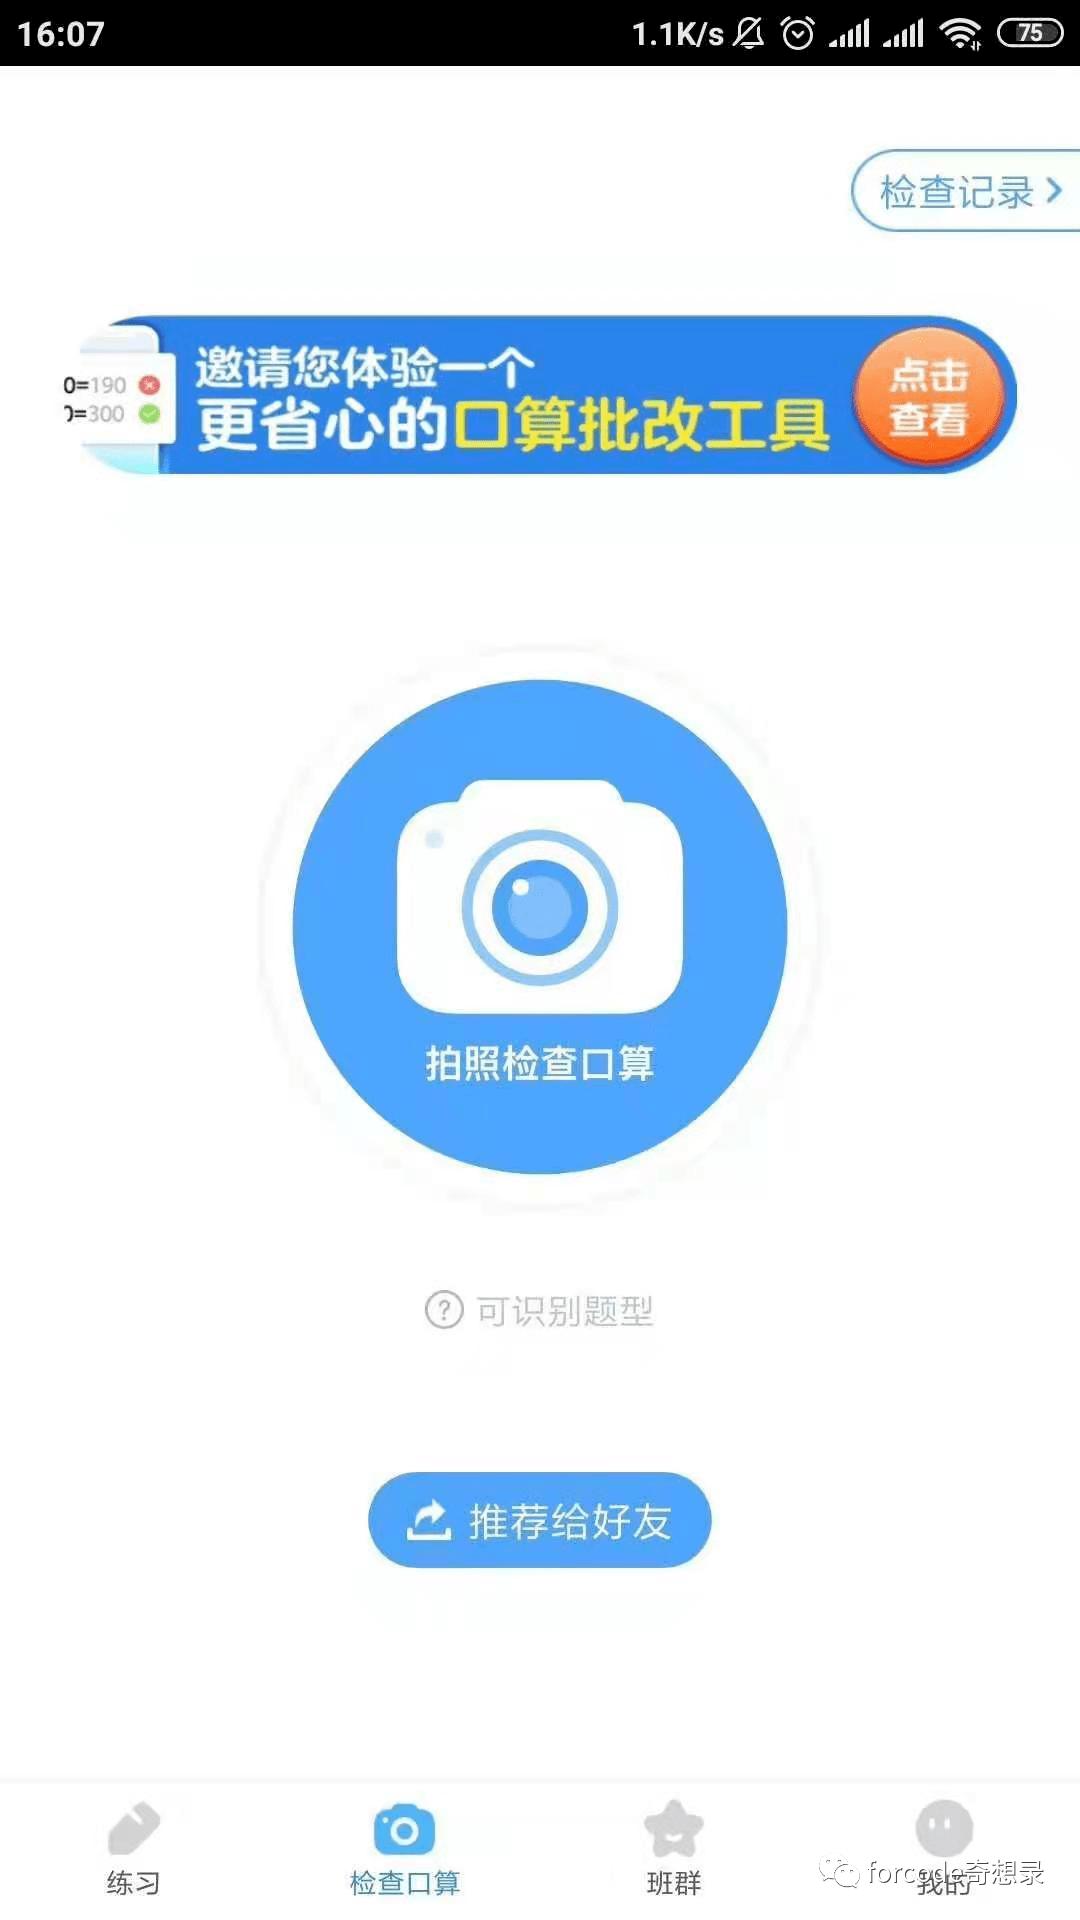 uc借一部说话2020 借一部说话的app叫什么